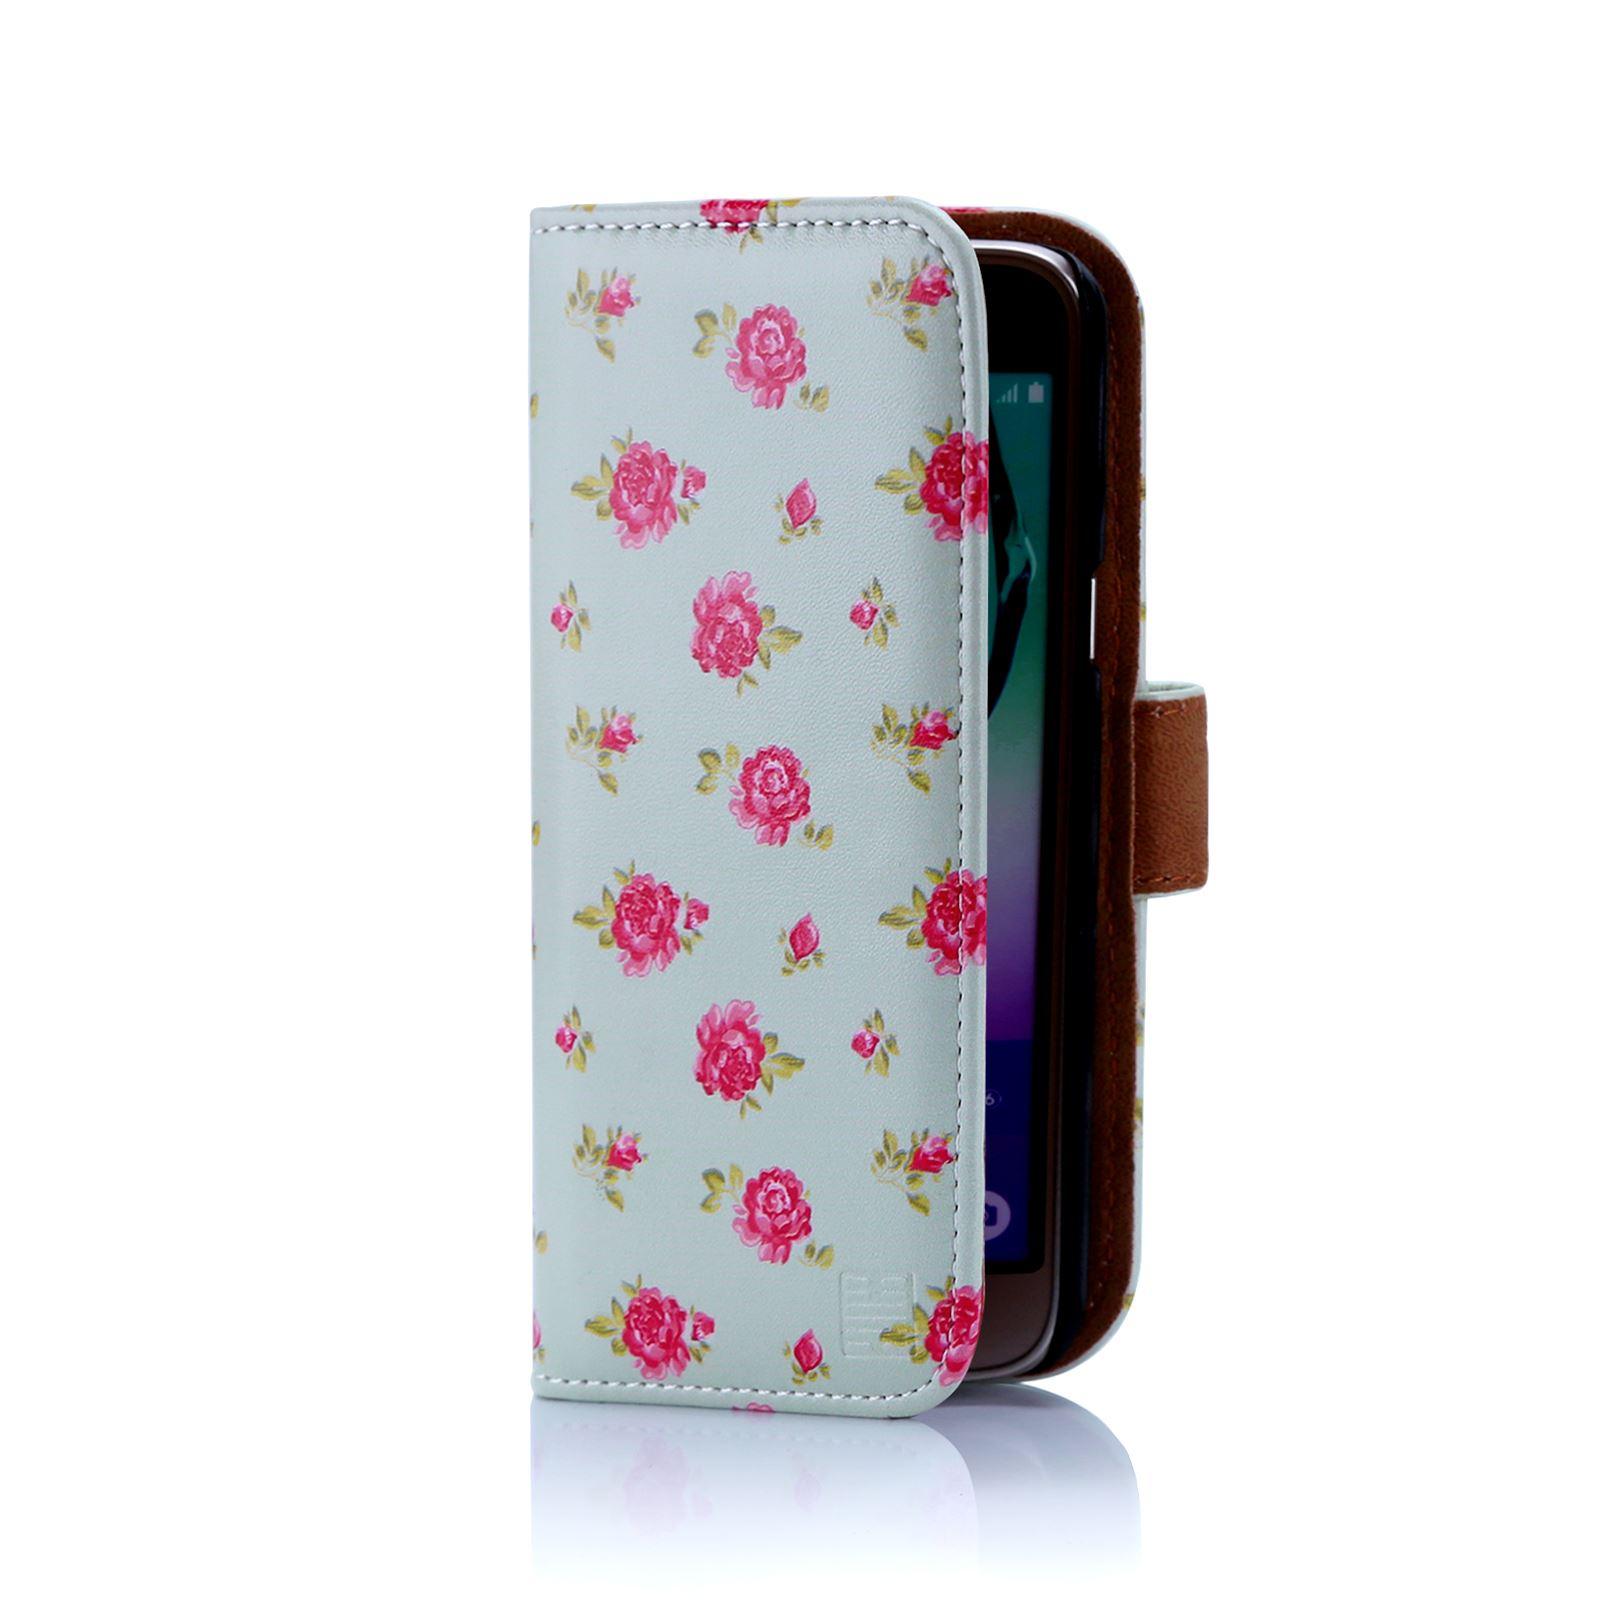 Cuero-Artificial-Diseno-Floral-Funda-Tipo-Cartera-para-Samsung-Galaxy-J3-2016